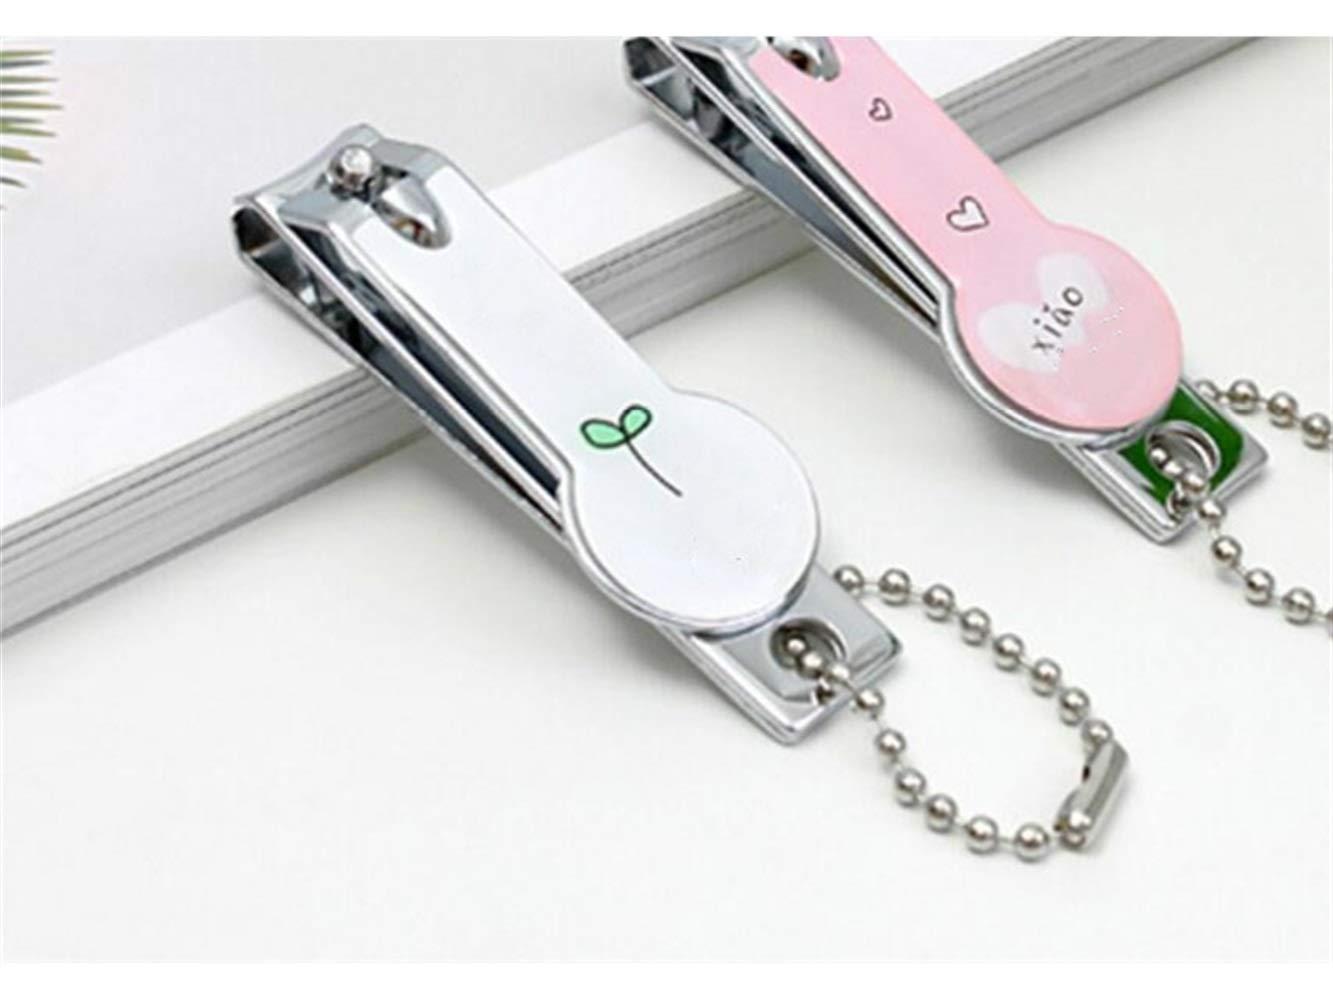 Colore : Pink, Dimensione : 5.7x1.9cm Attrezzo per Manicure Pieghevole in Acciaio Inossidabile Strumento per tagliaunghie Carino